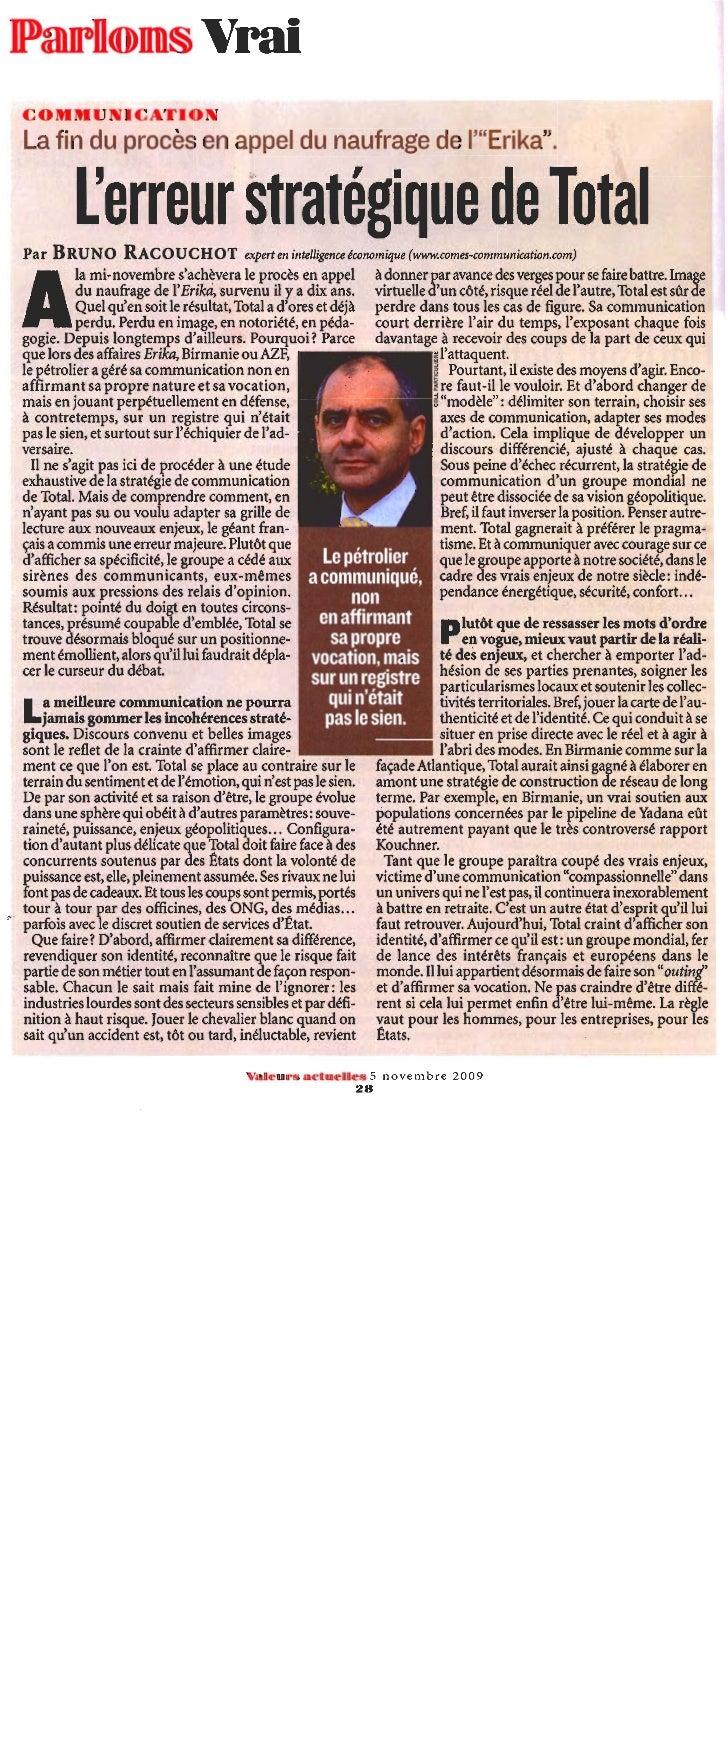 """""""L'erreur stratégique de Total"""", par Bruno Racouchot, in Valeurs Actuelles, n° 3806 du 5 novembre 2009"""